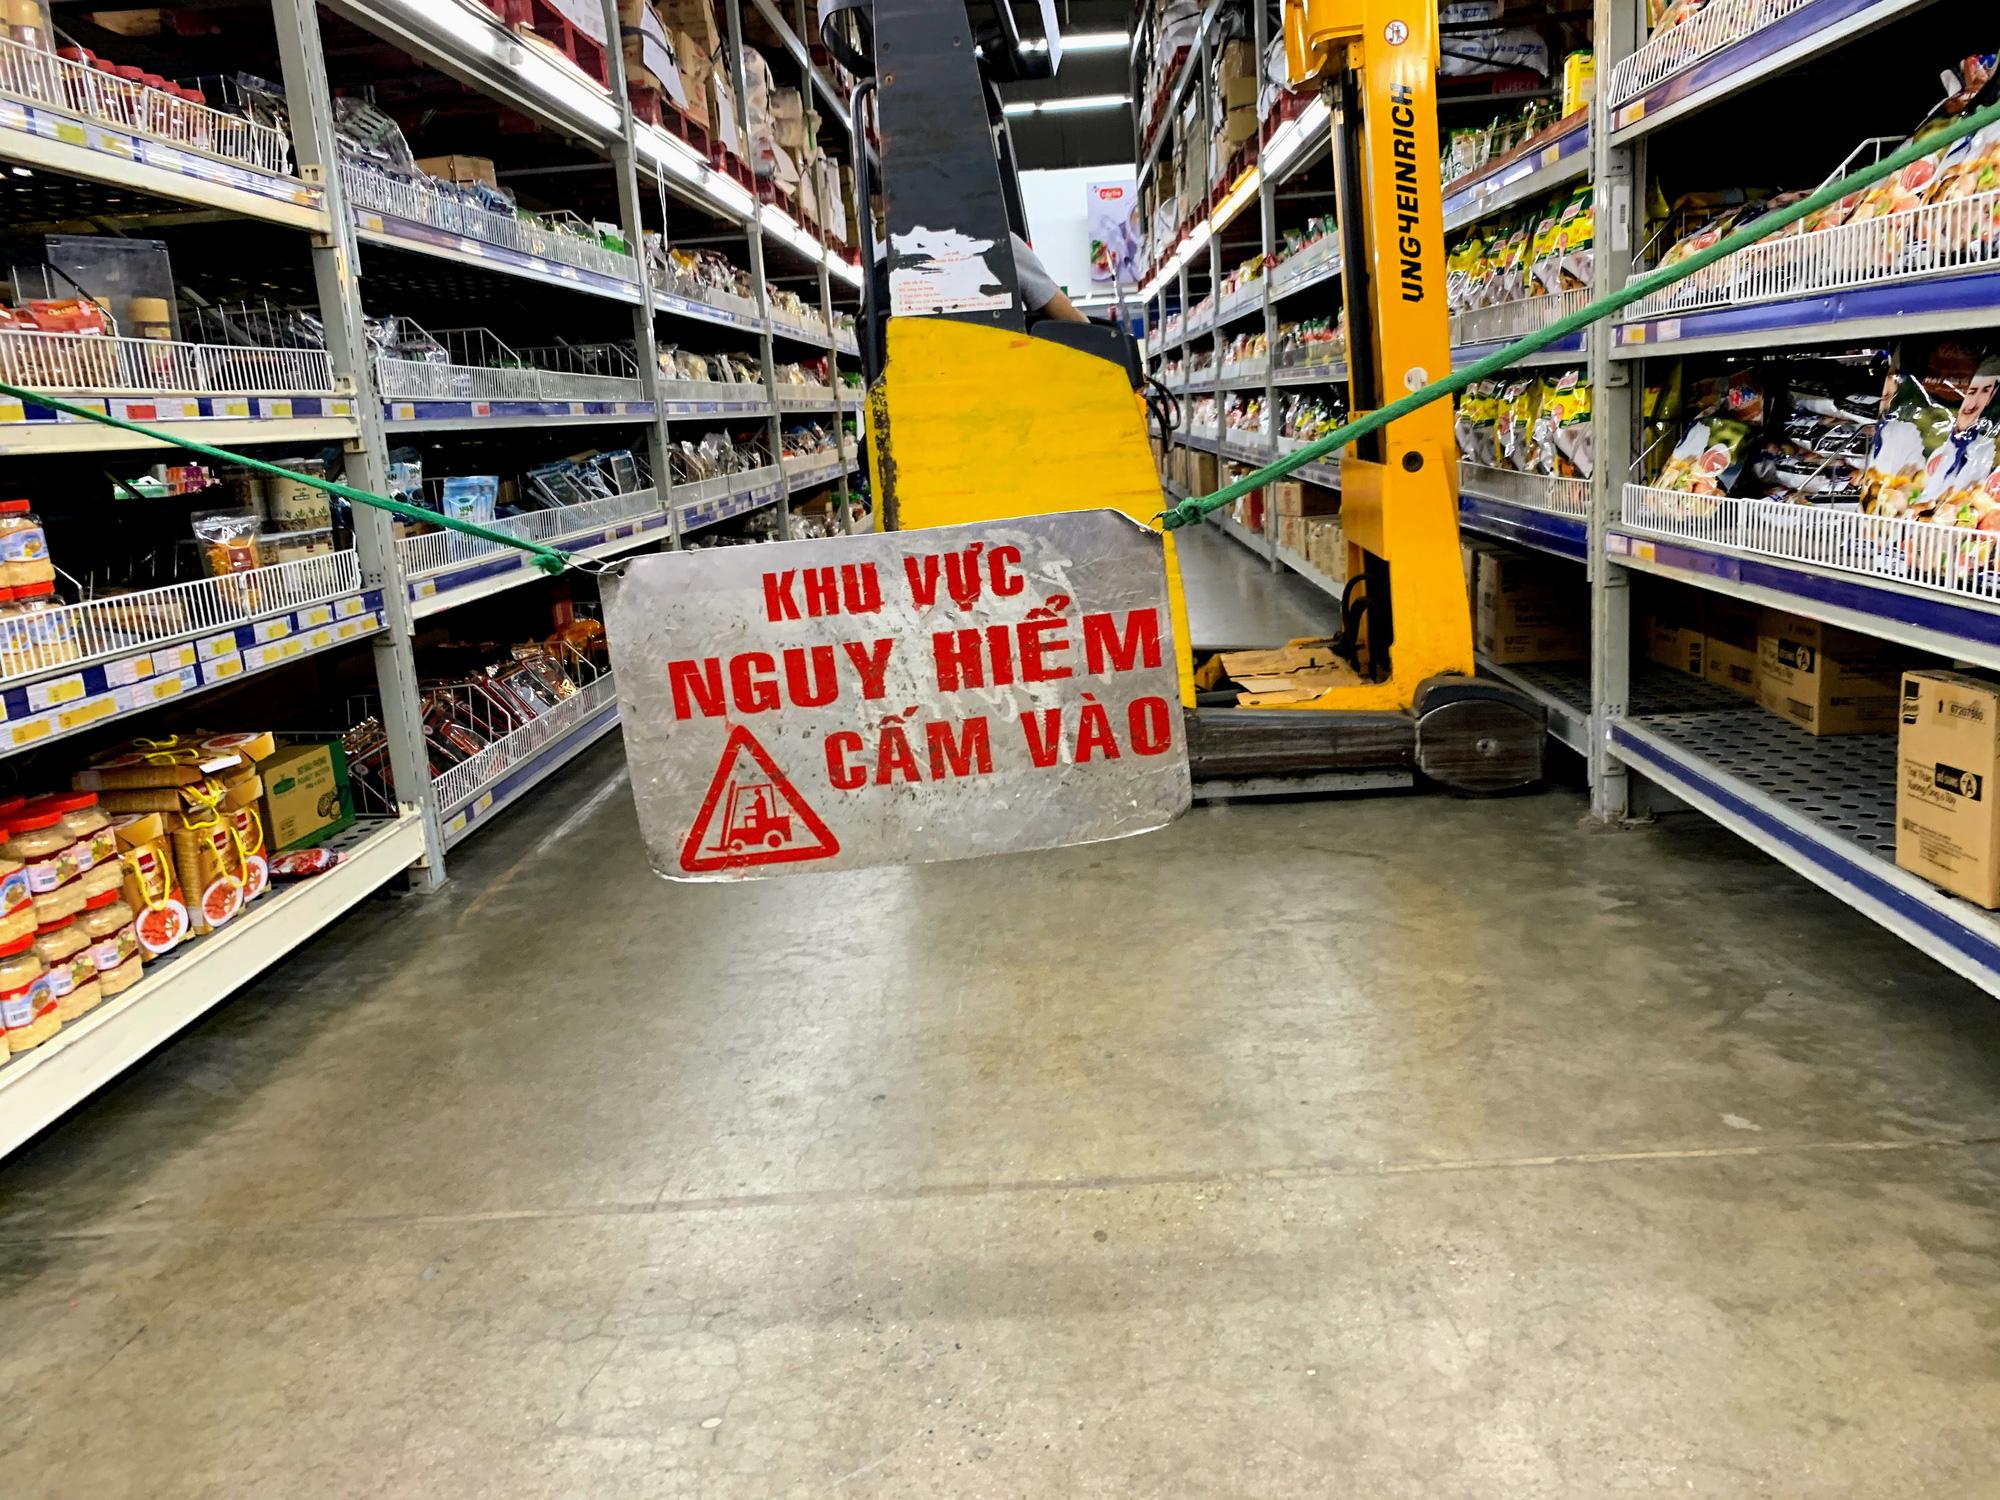 Siêu thị, trung tâm thương mại ở Hà Nội vắng tanh không một bóng người trước đại dịch virus corona - Ảnh 10.